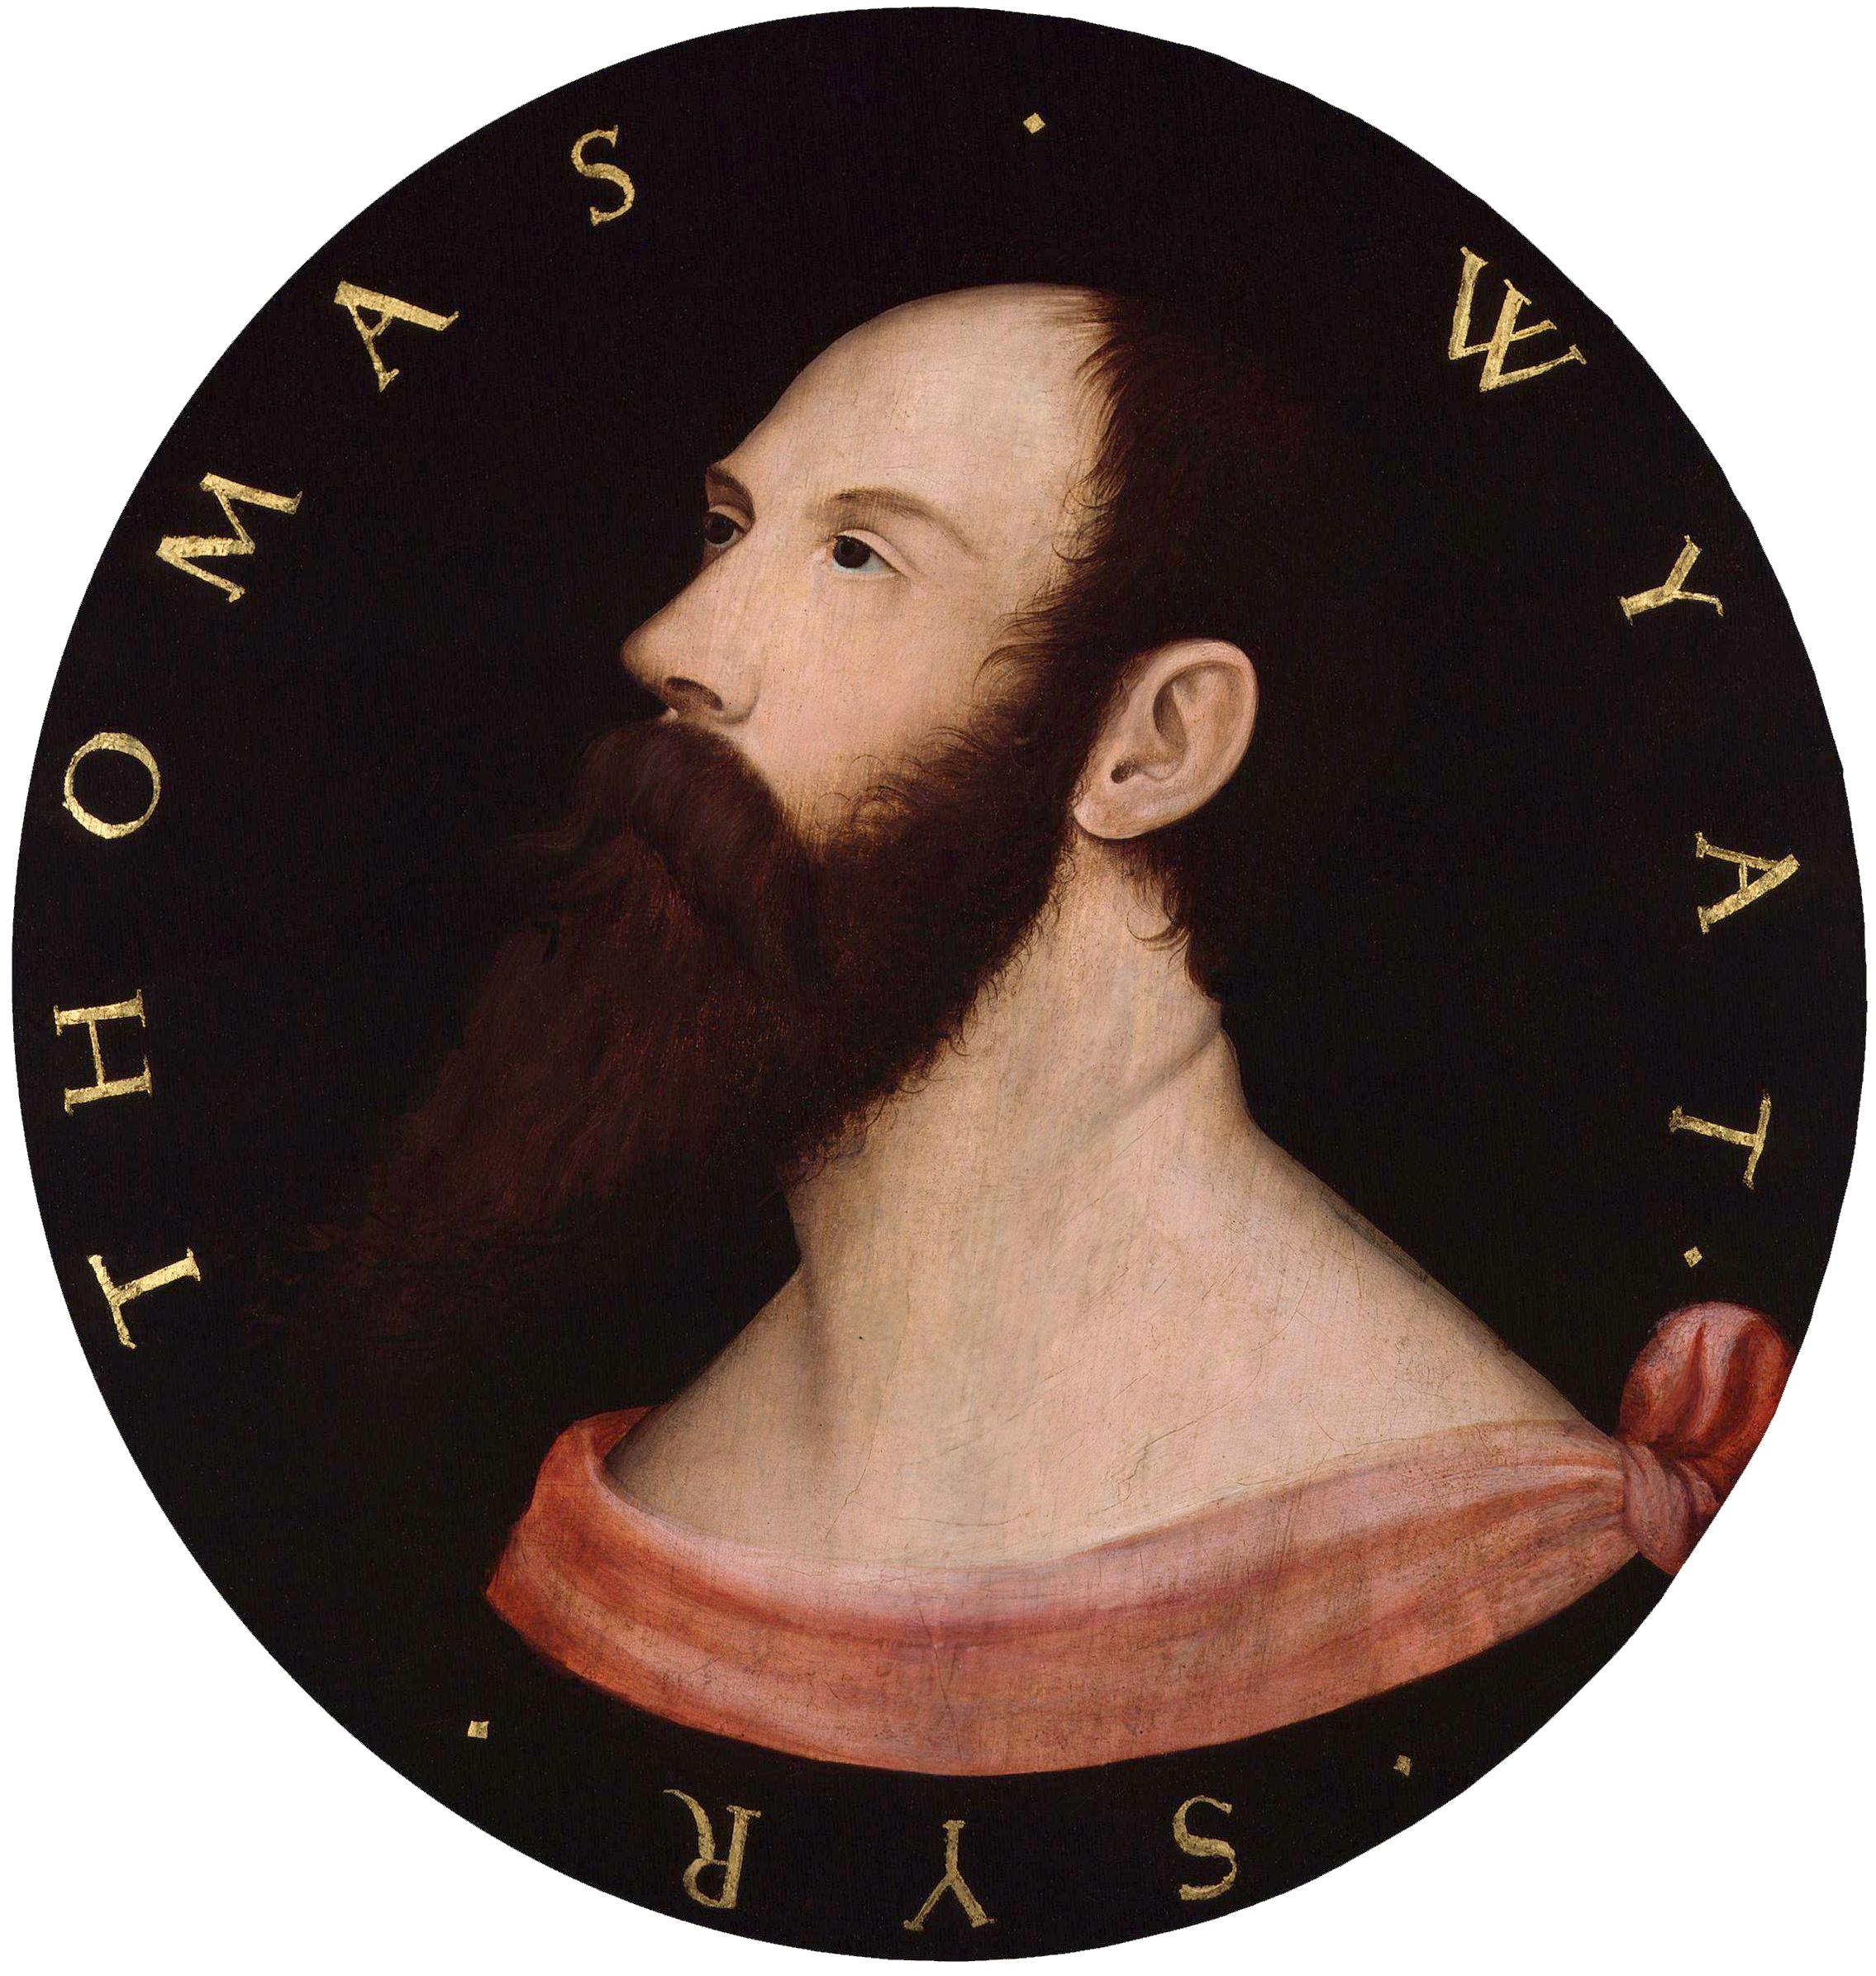 Thomas Wyatt architect